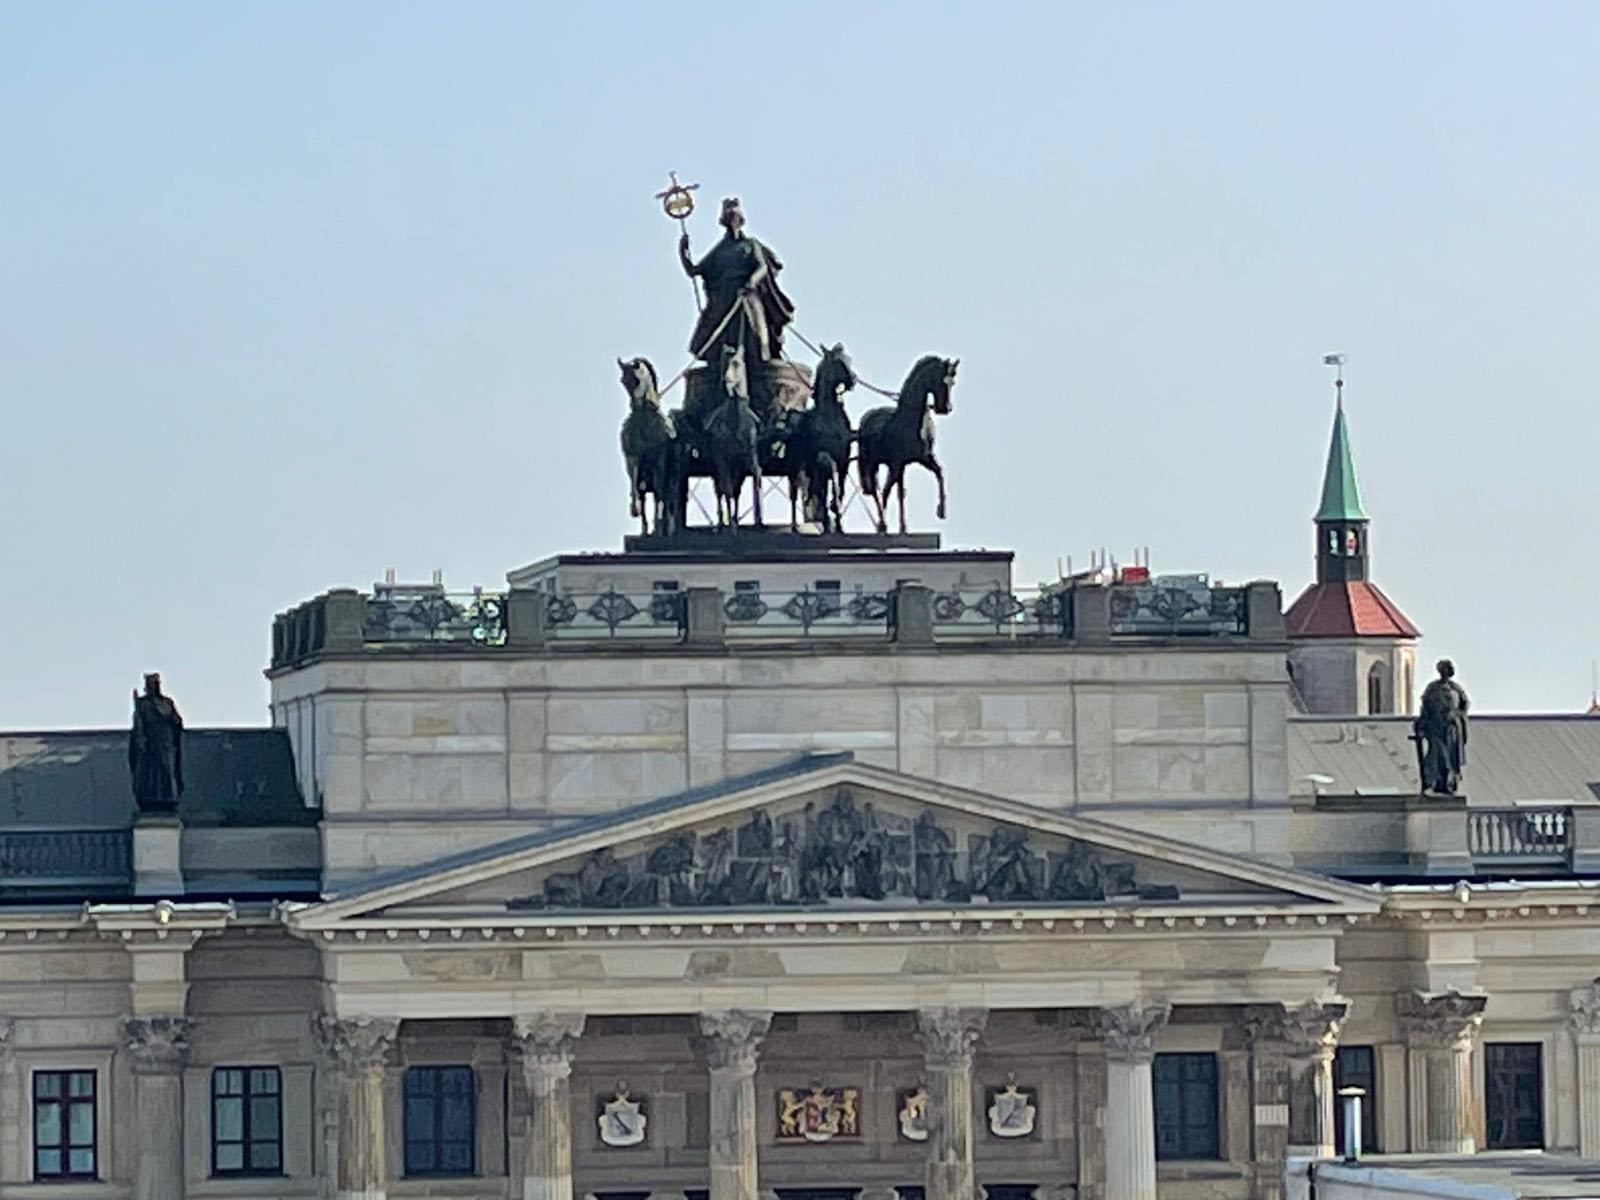 Quadriga des Schlosses in Braunschweig